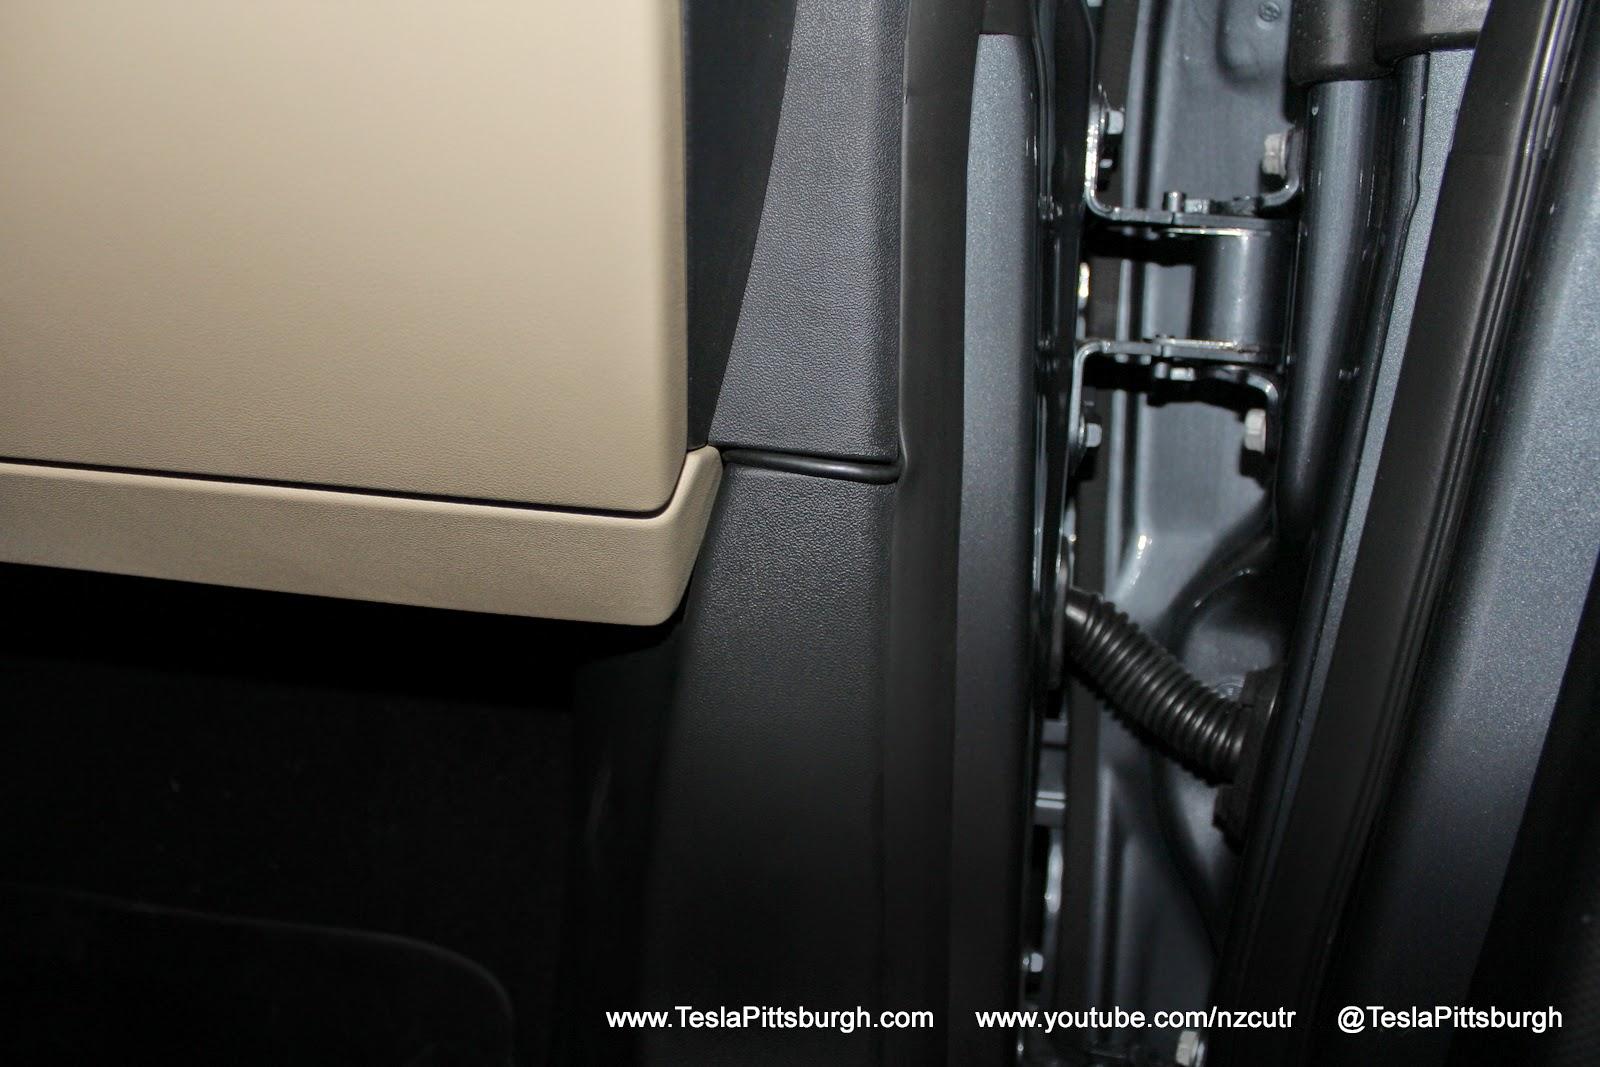 Tesla-Dashcam-Install-13